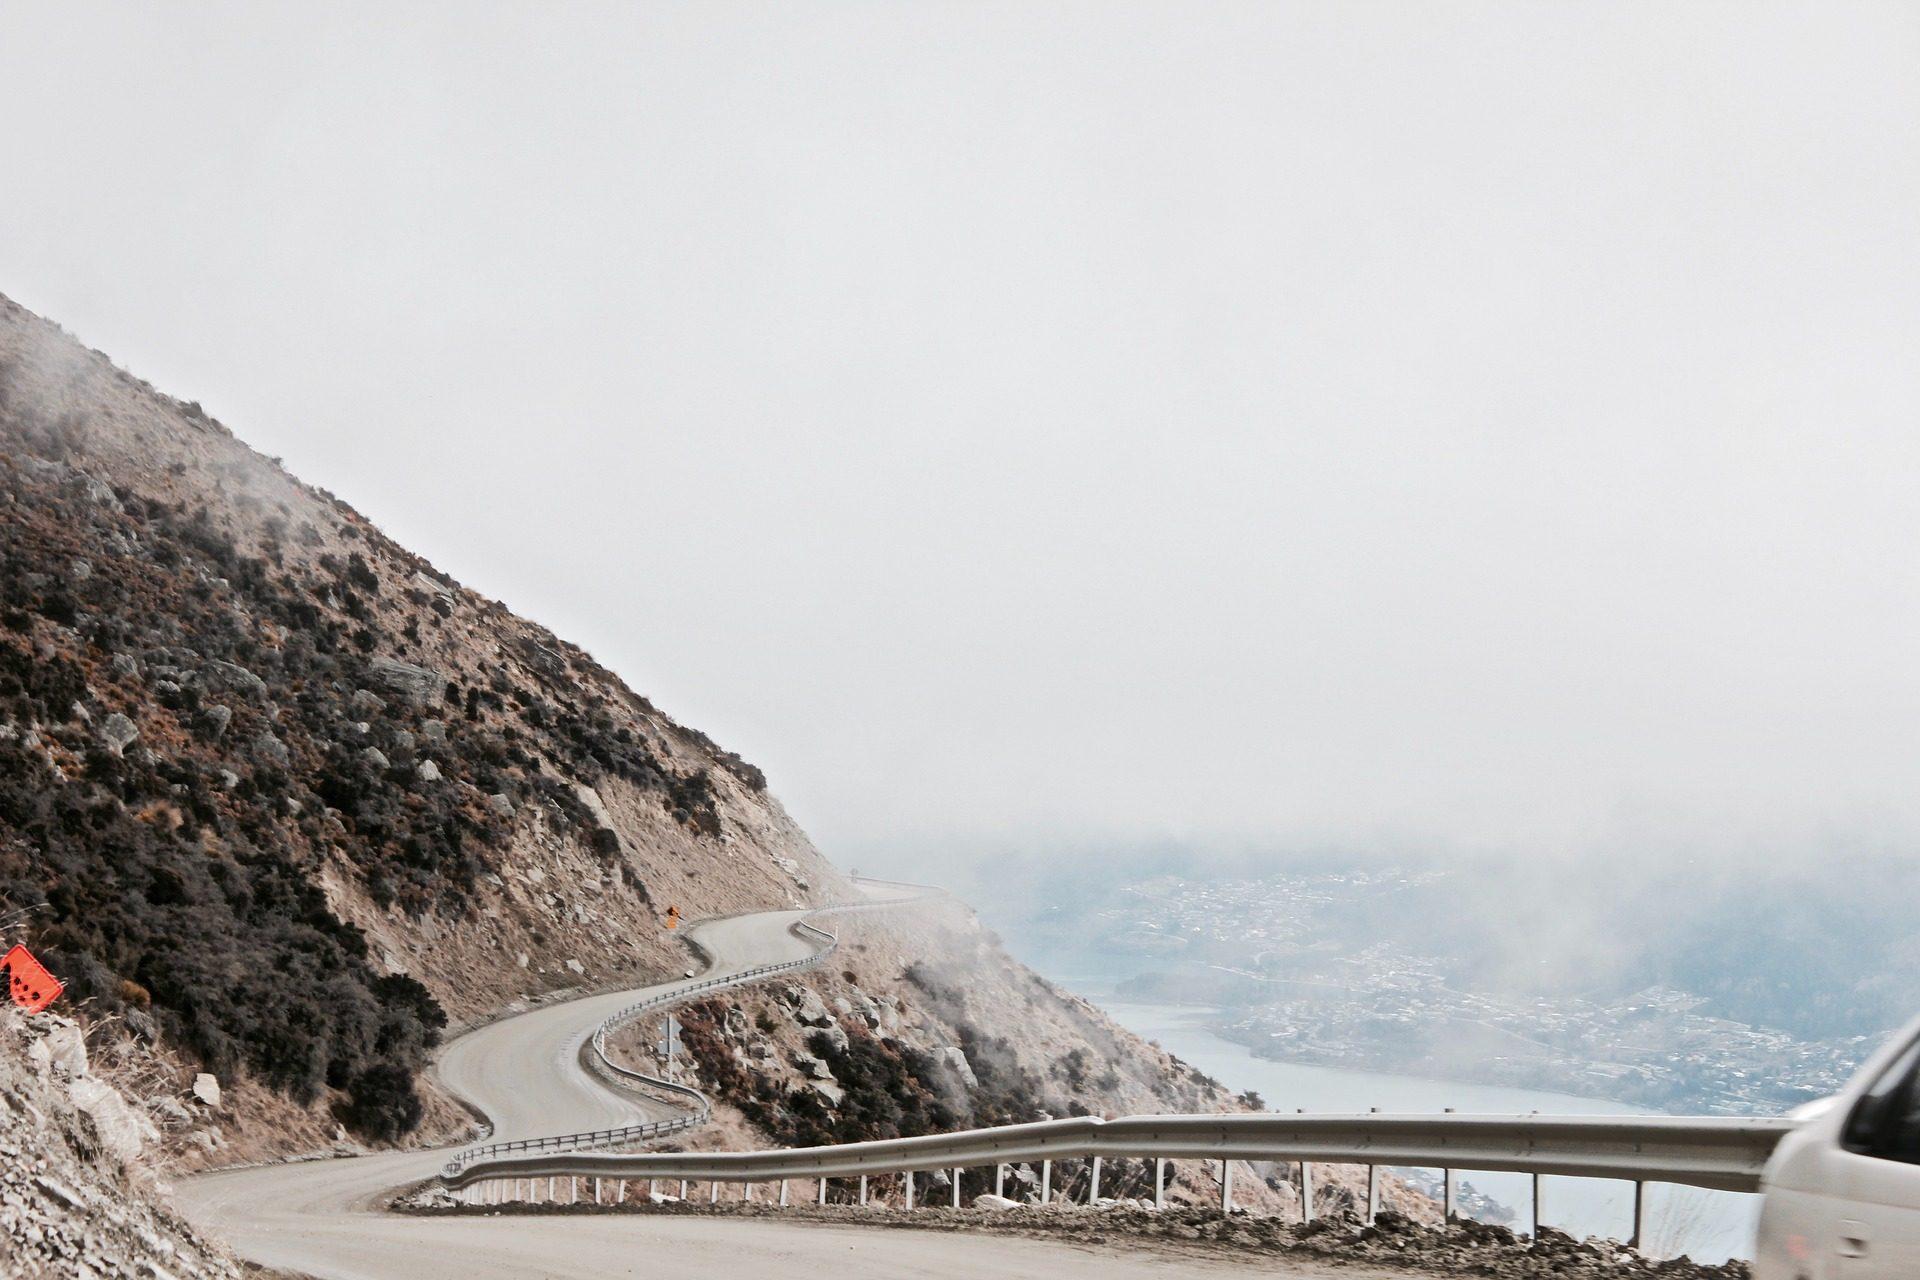 carretera, Mar, montanhas, Estrada, viagens - Papéis de parede HD - Professor-falken.com